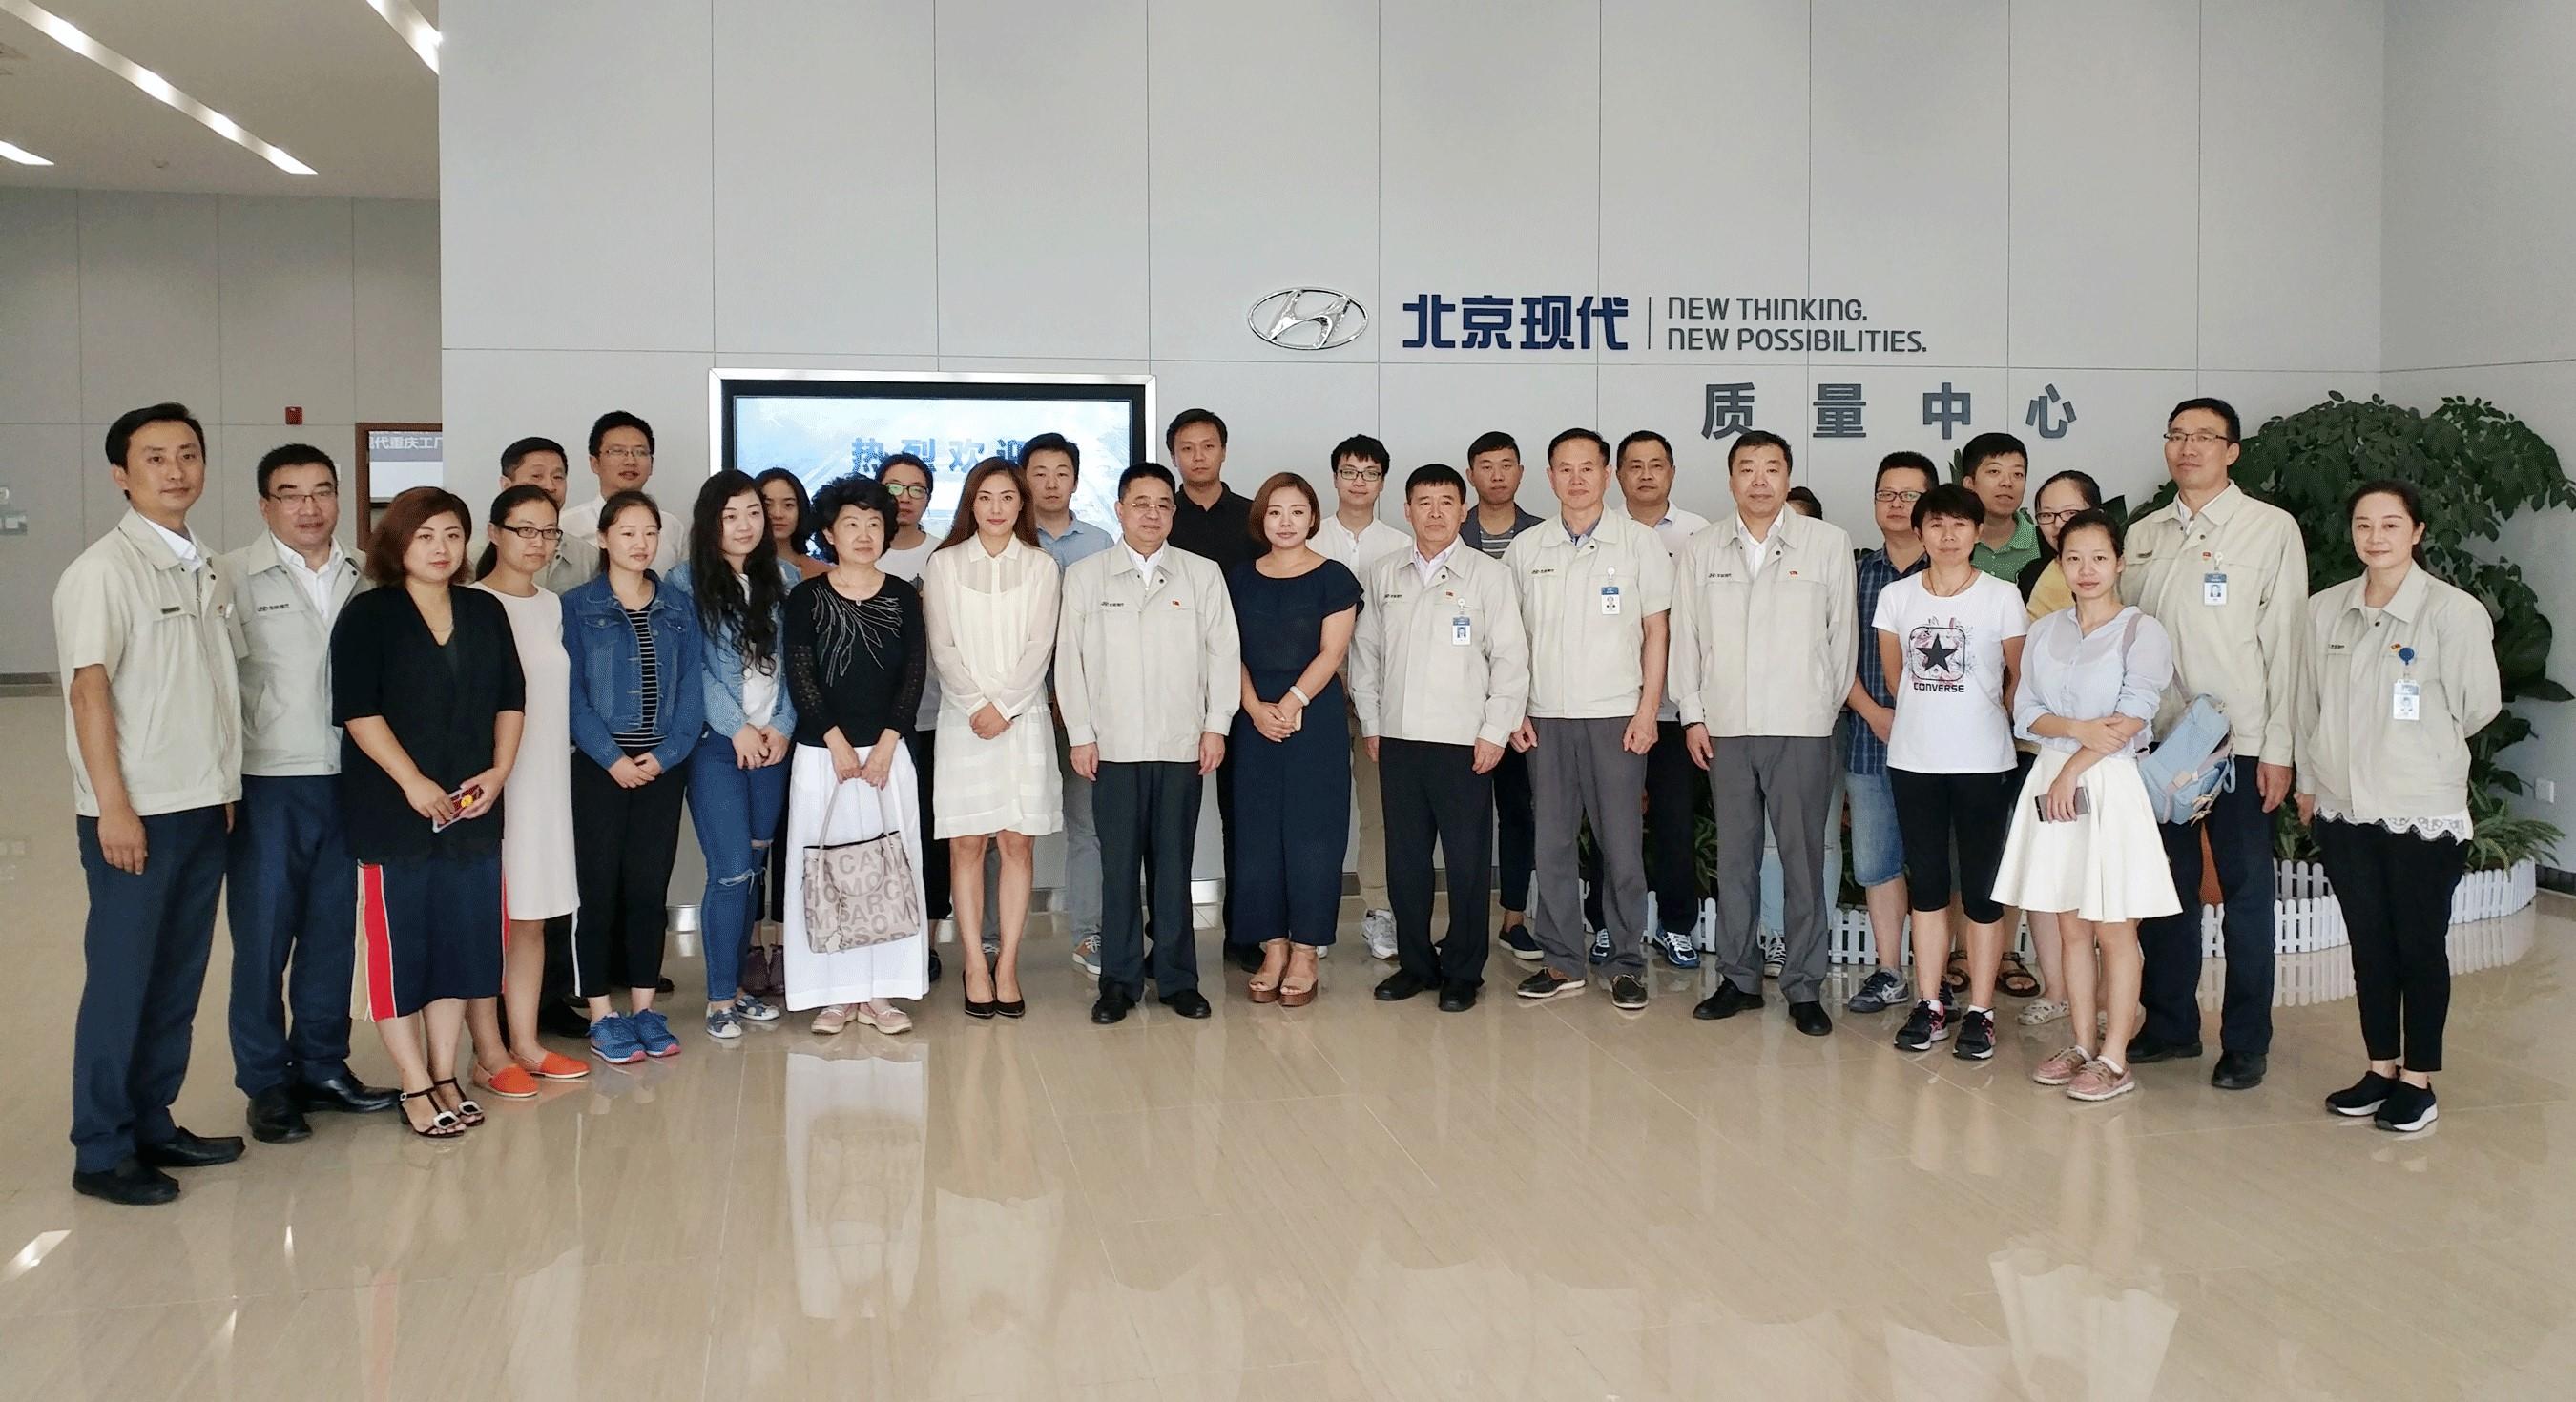 科学绿色发展 北京现代重庆工厂带动区域产业升级